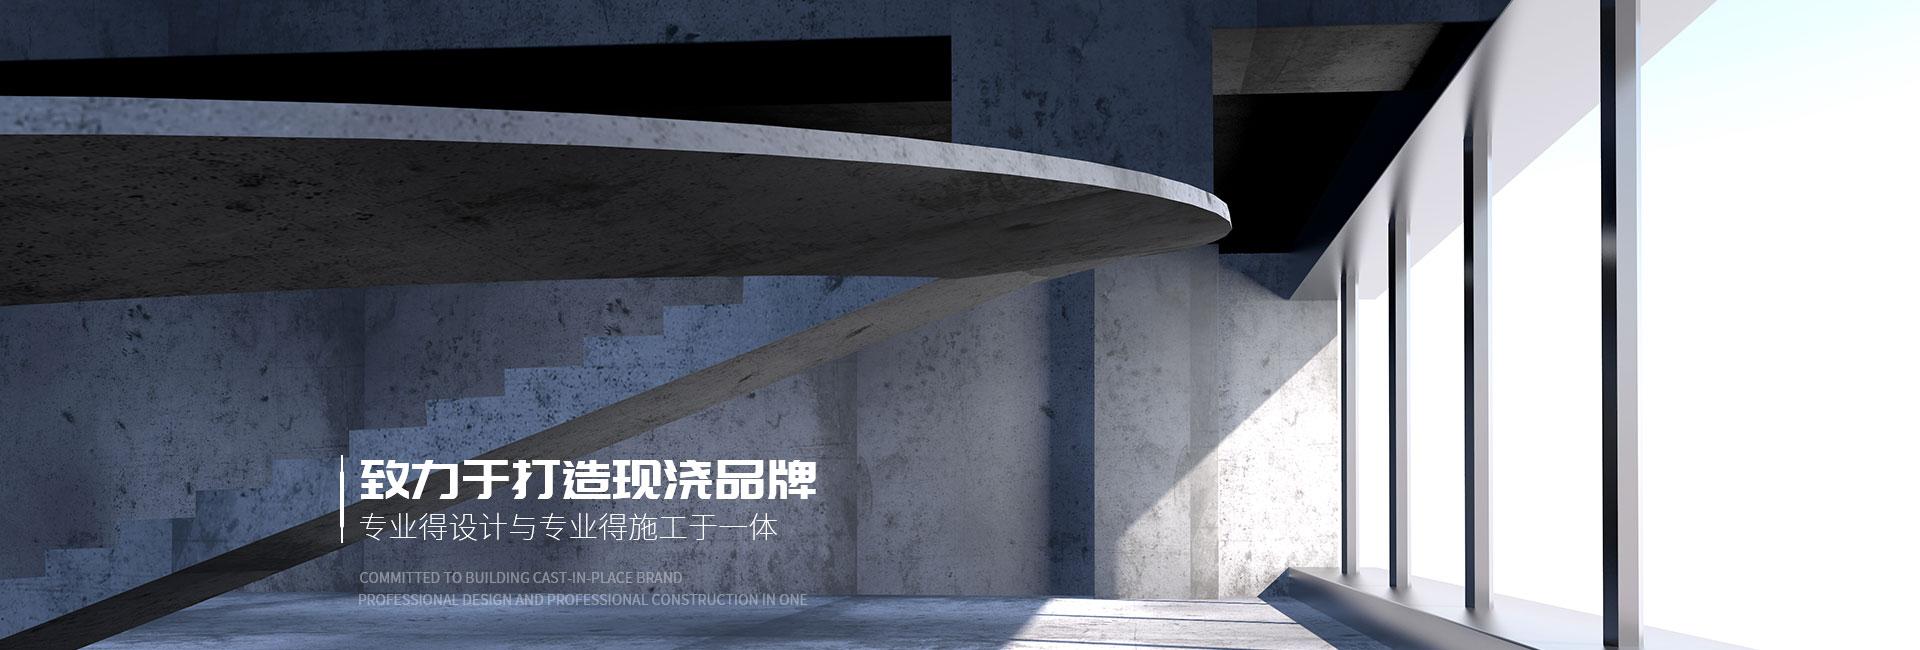 重庆现浇阁楼